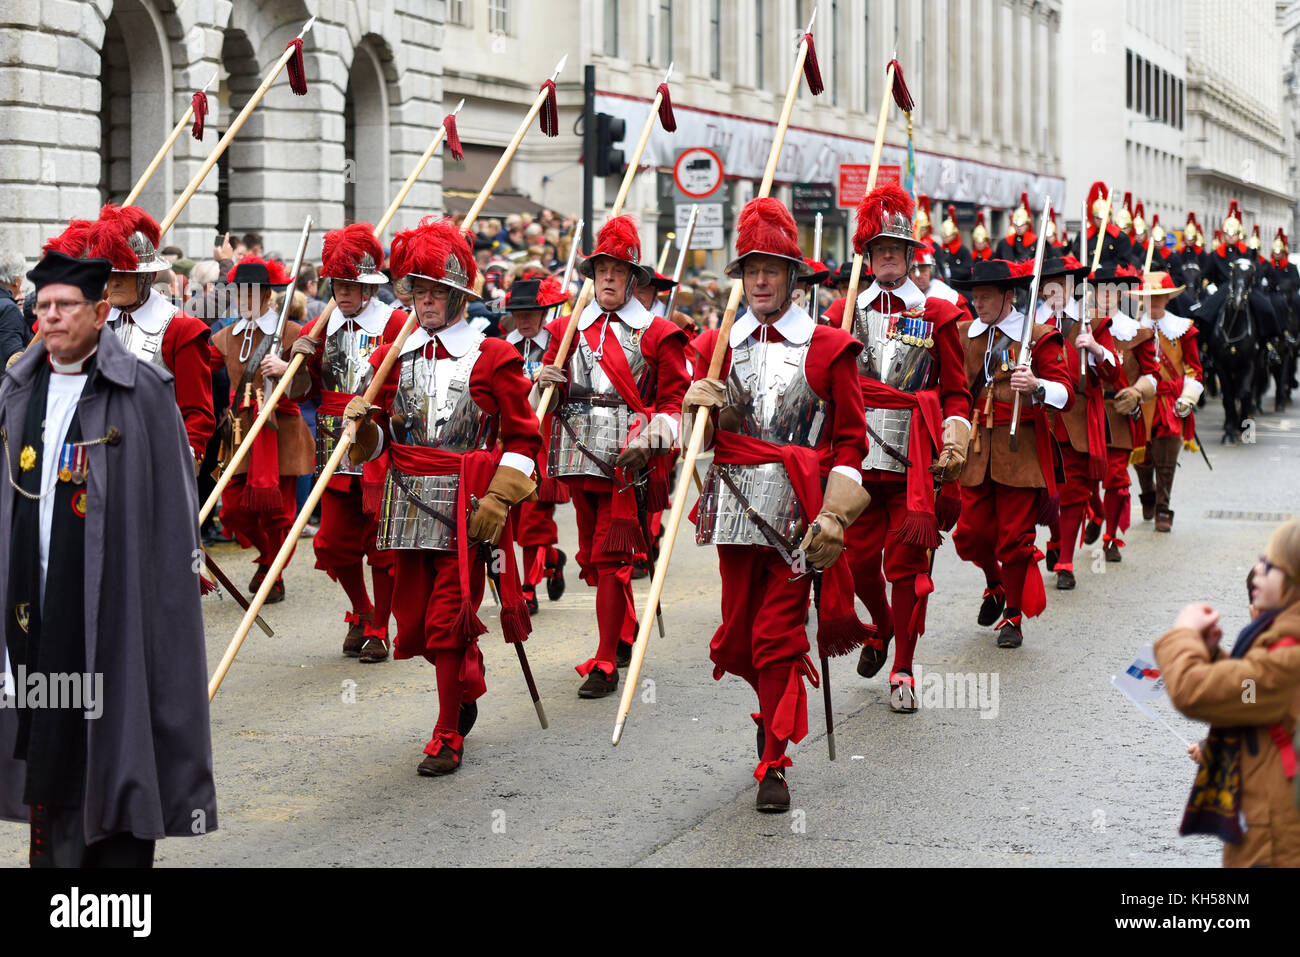 Compañía de piqueros y Mosqueteros Honorable Compañía de artillería al Alcalde del show Imagen De Stock